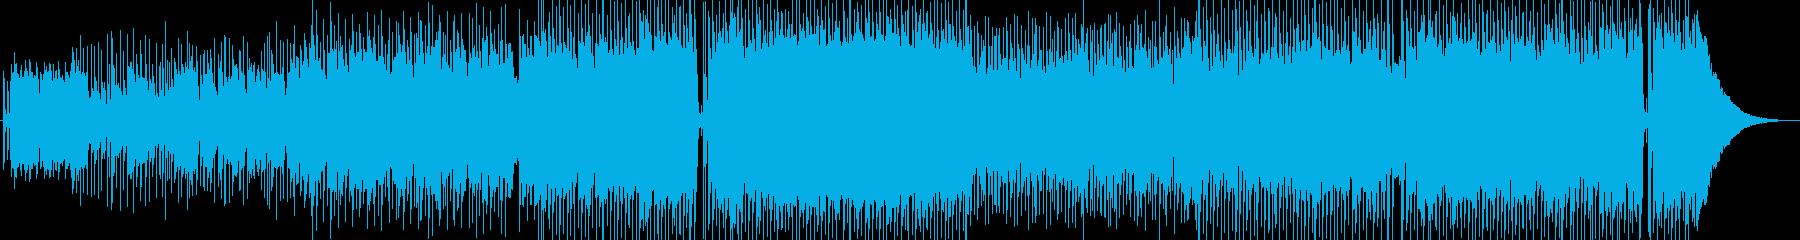 天然素材を感じさせるのカントリーサウンドの再生済みの波形